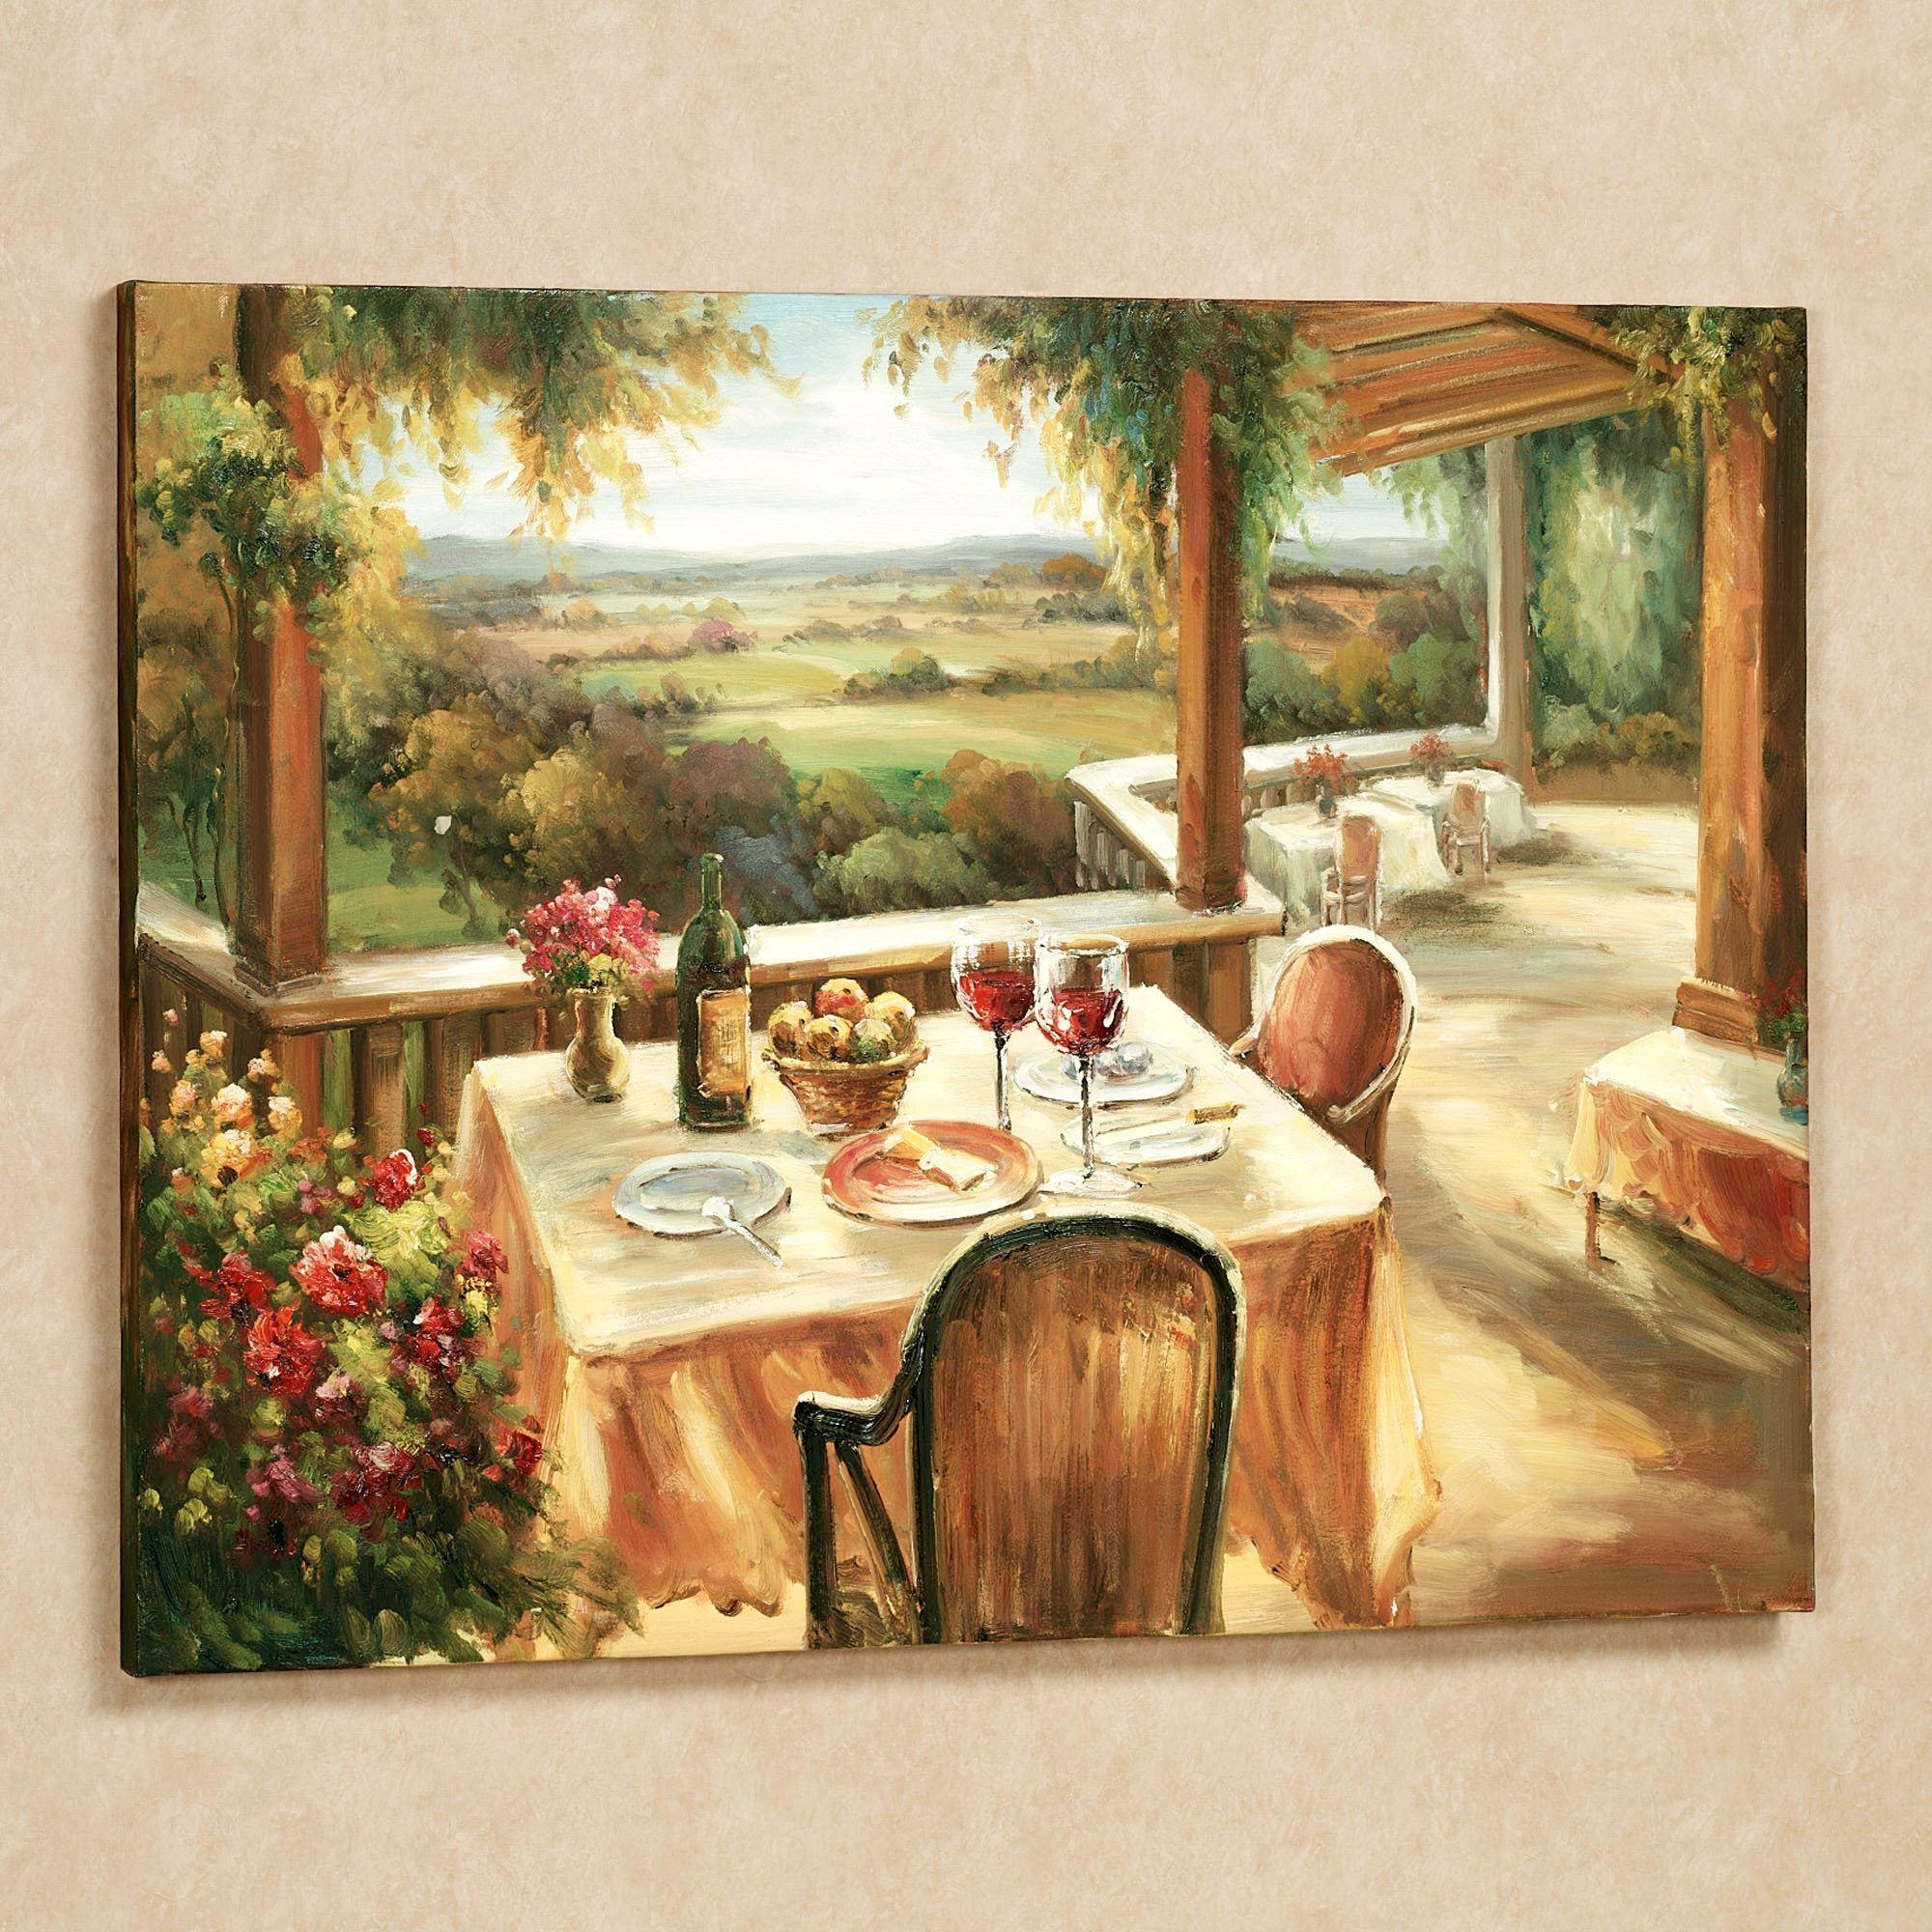 20 best ideas inexpensive framed wall art wall art ideas for Inexpensive kitchen wall decorating ideas